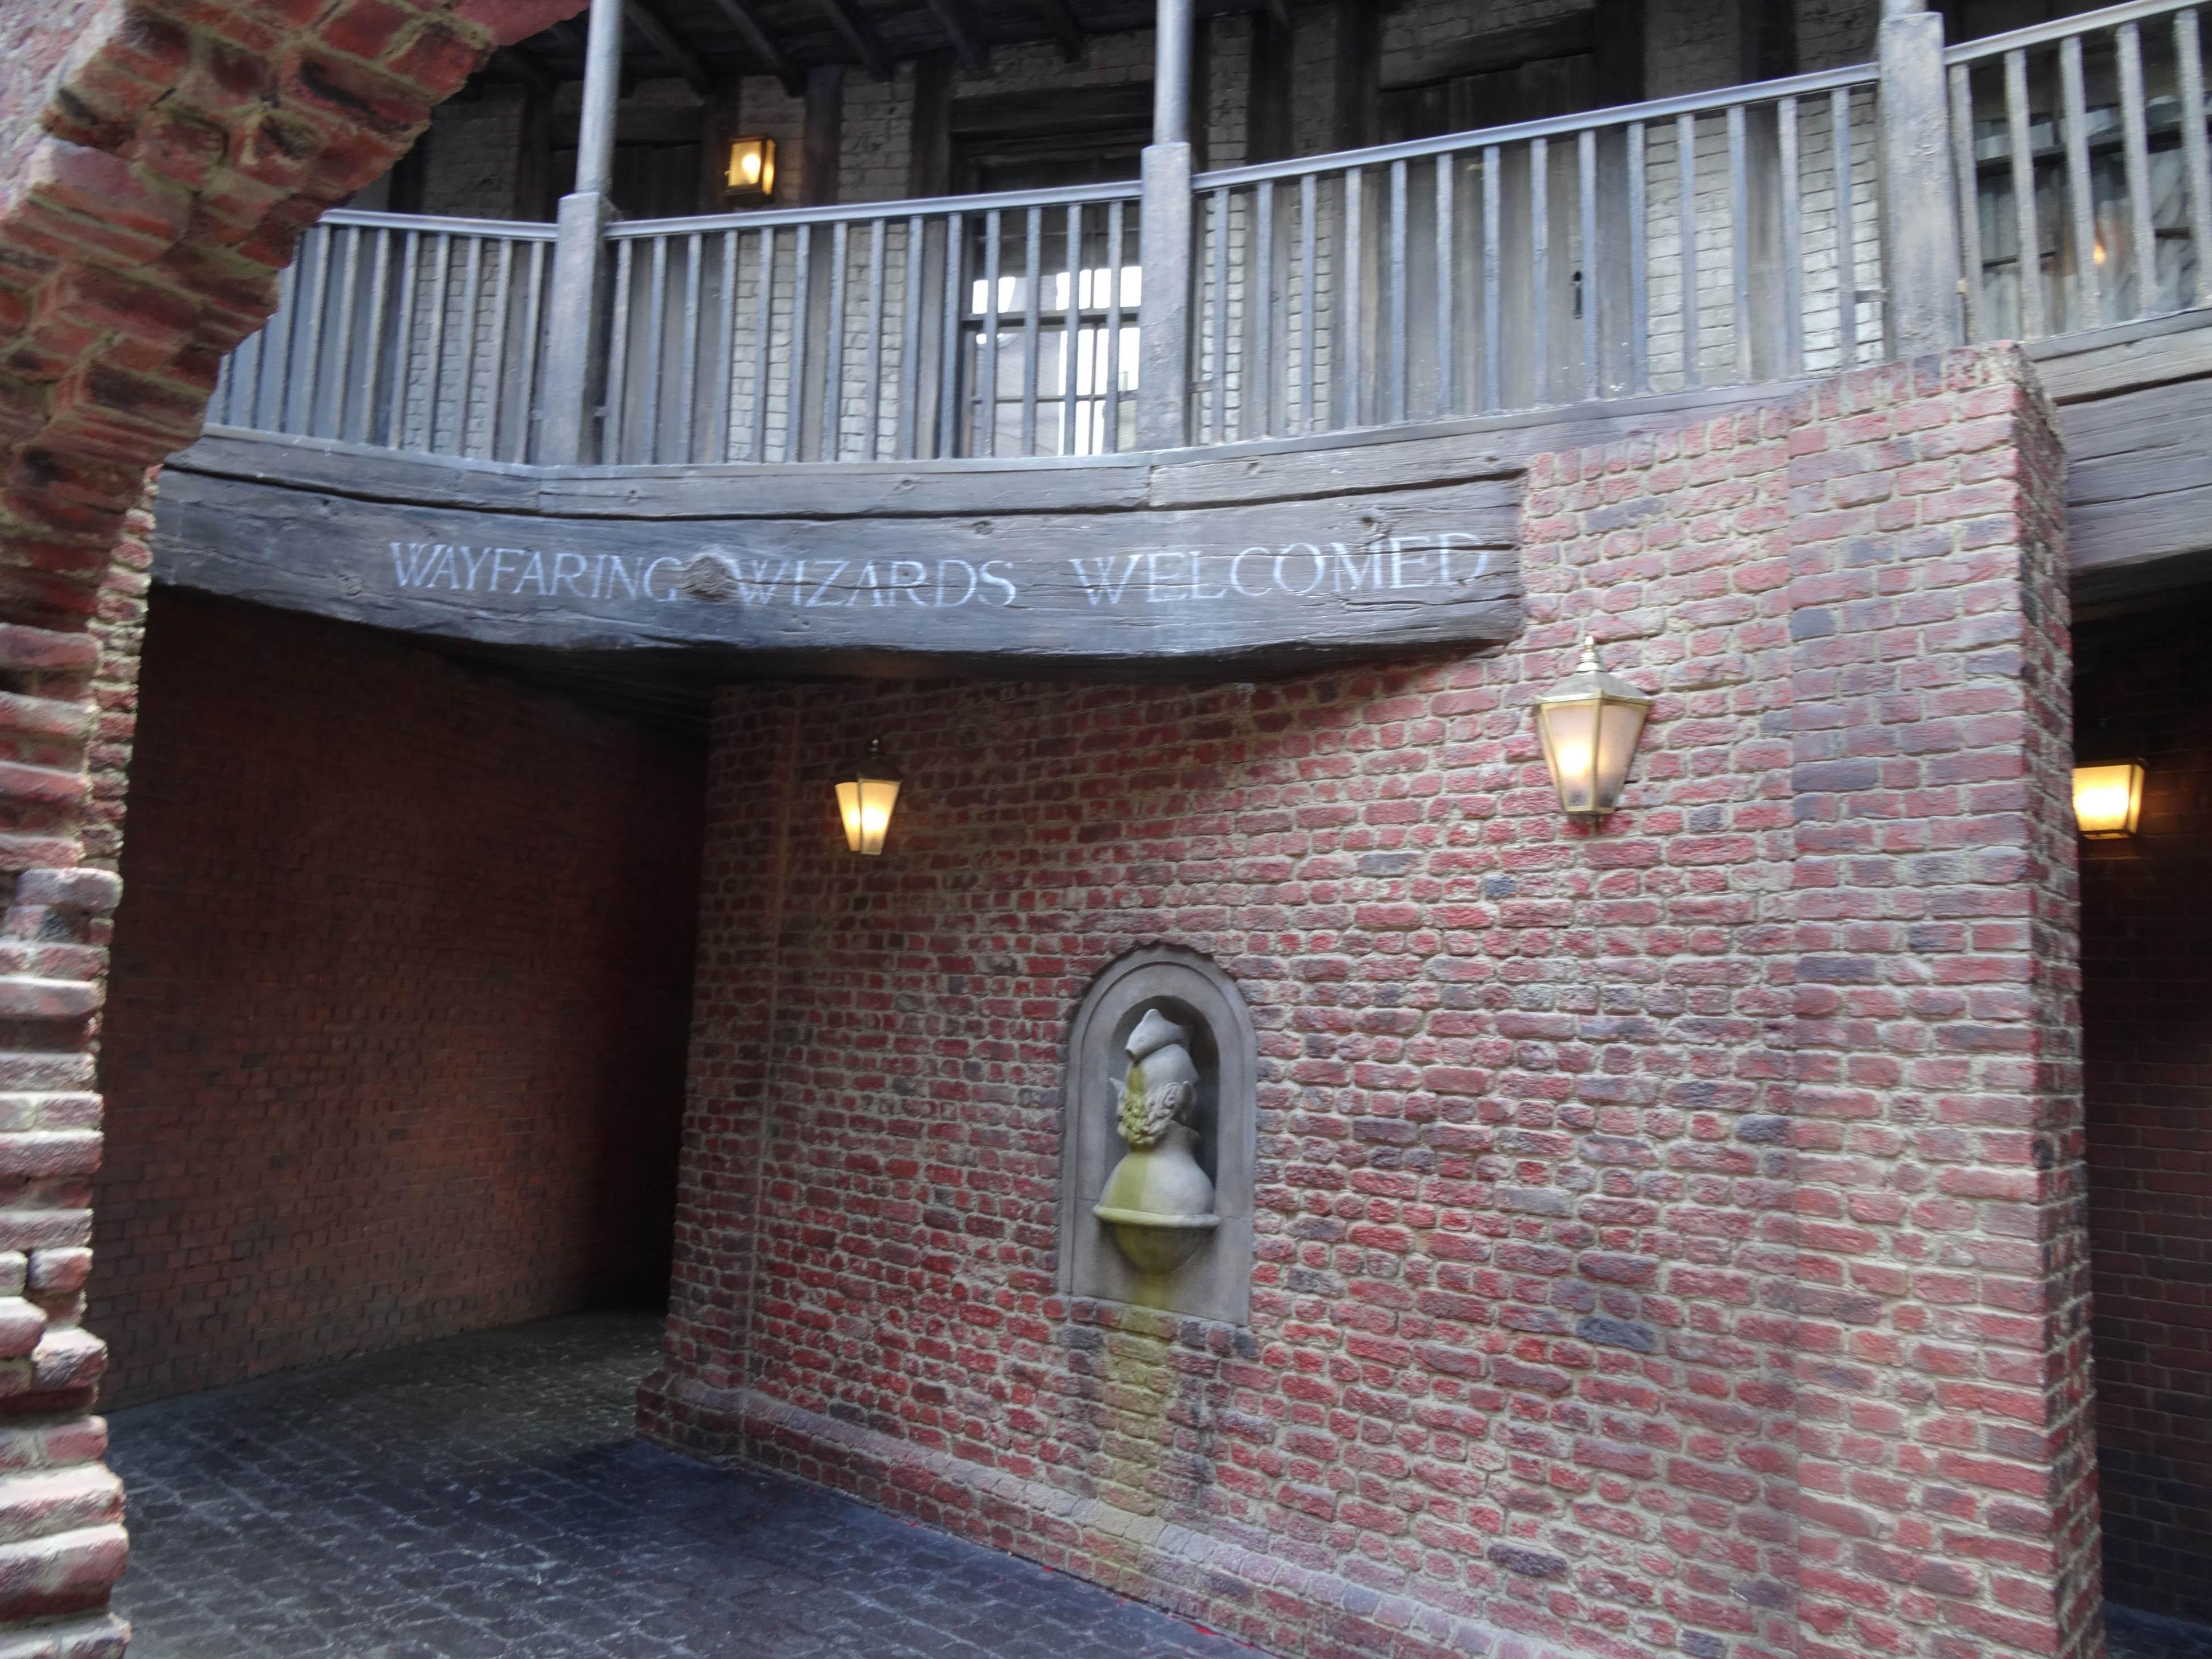 Universal Studios Orlando Diagon Alley Media Day 2014